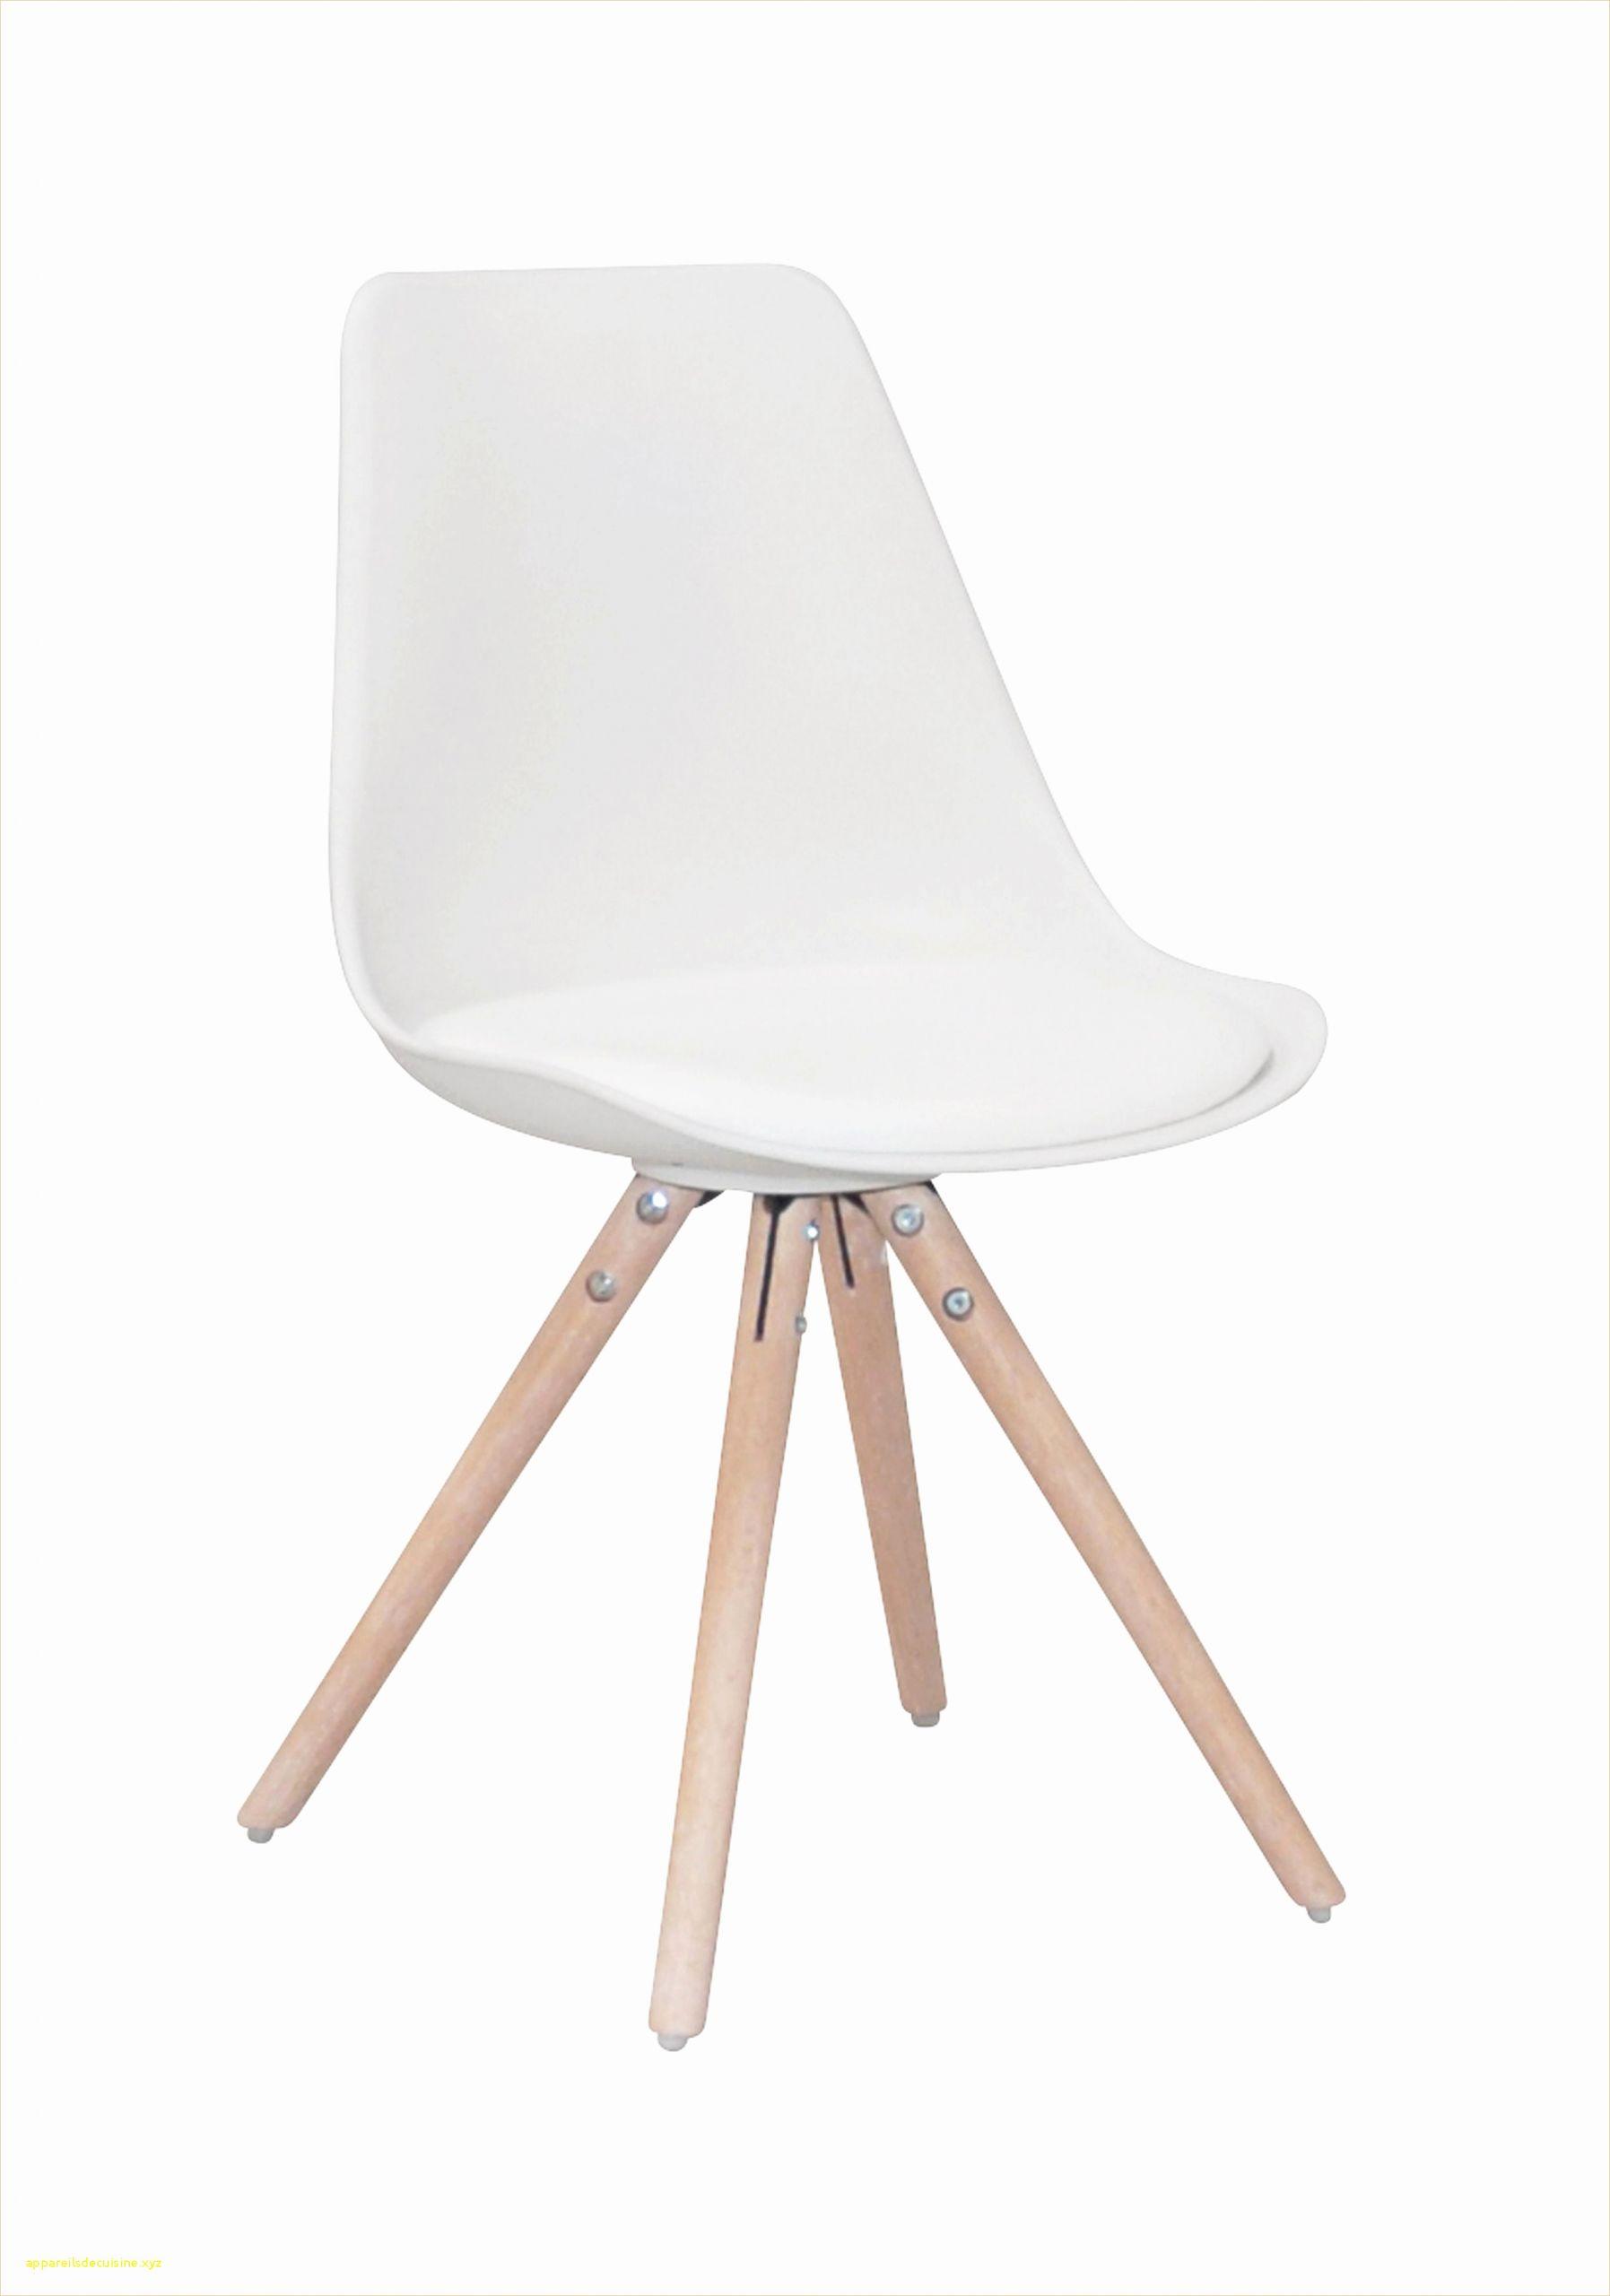 fauteuil gaming pas cher photo de chaise bois pas cher chaise salon pas cher fauteuil salon 0d schc2a8me of fauteuil gaming pas cher